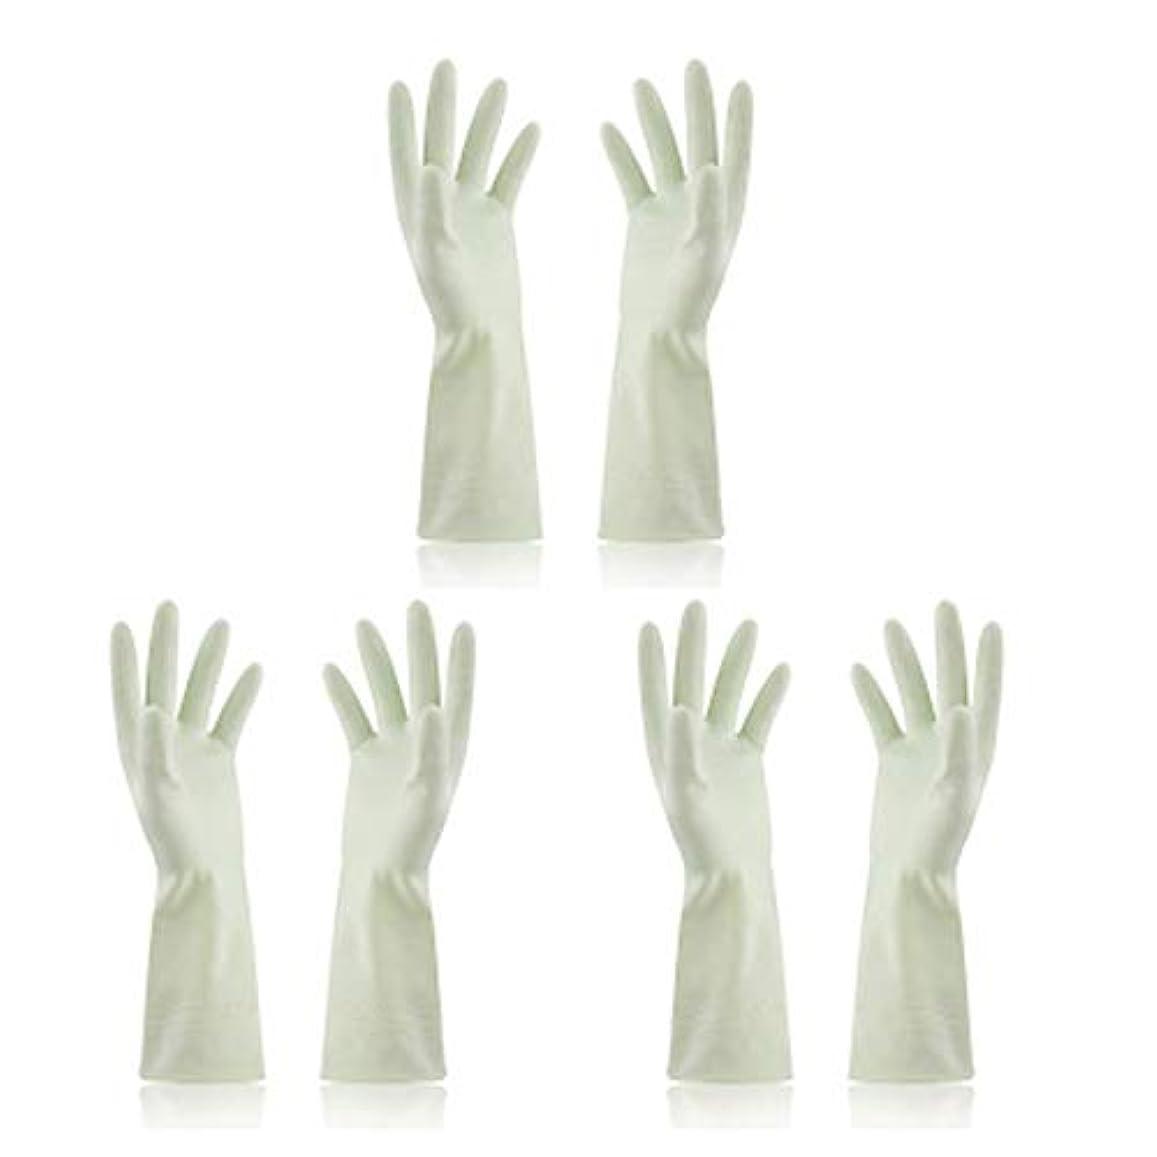 排除ラインナップ喪BTXXYJP キッチン用手袋 手袋 食器洗い 炊事 作業 食器洗い 掃除 園芸 洗車 防水 防油 手袋 (Color : Green, Size : M)